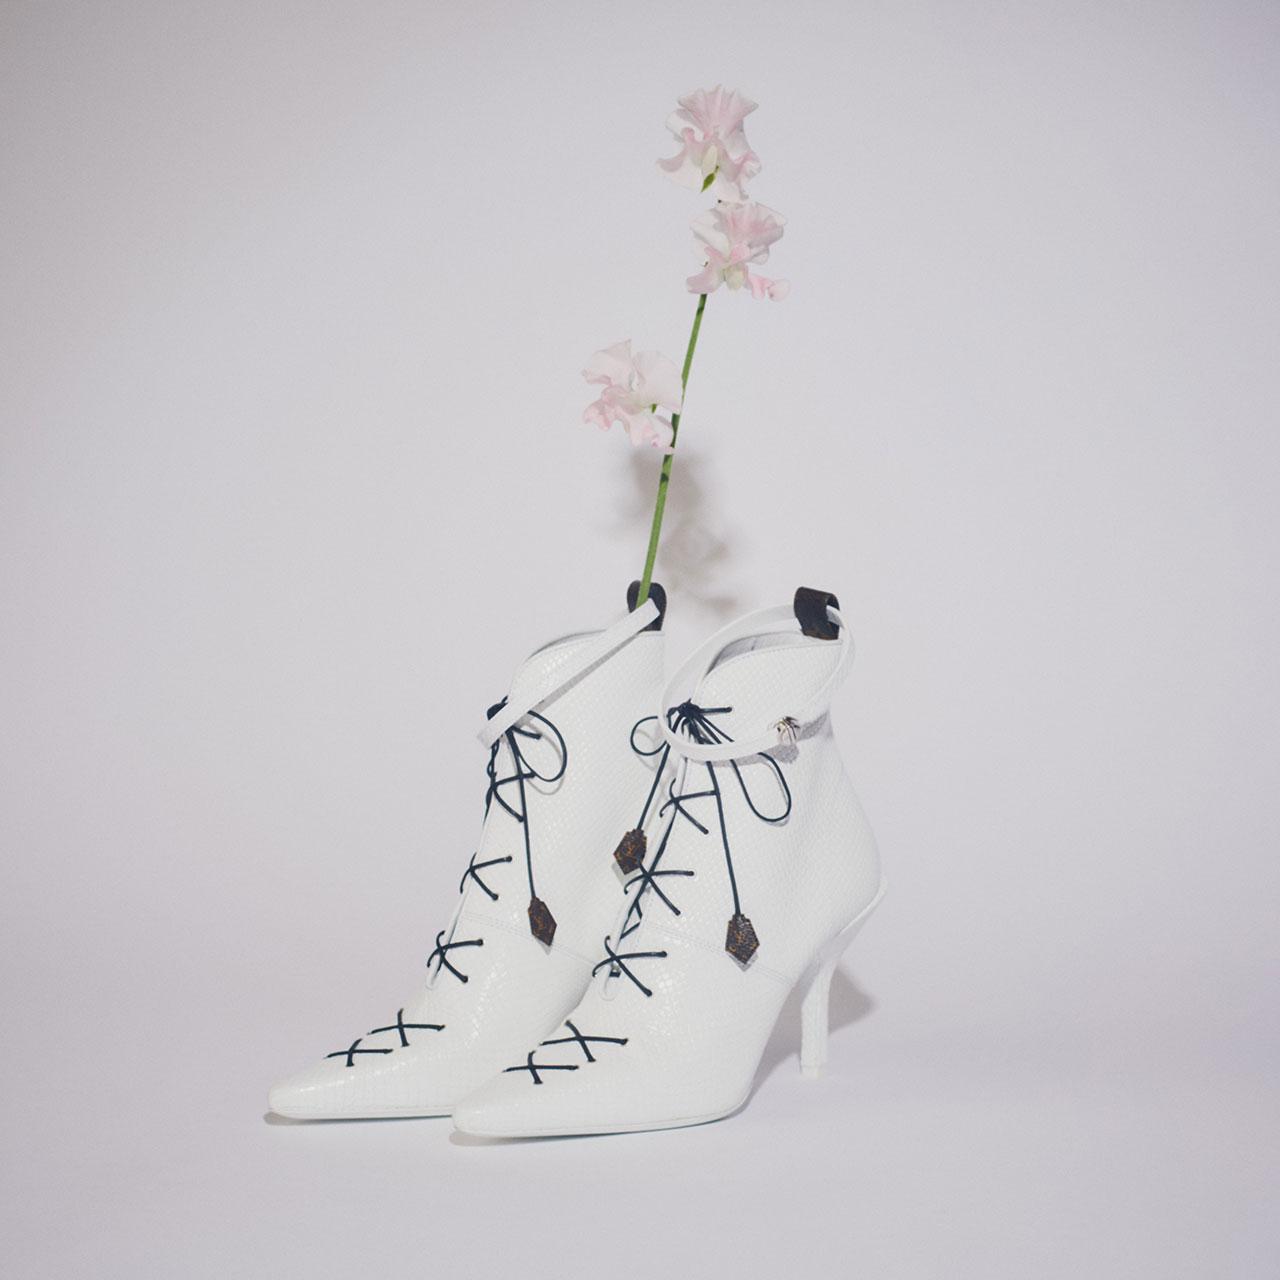 ¥238,000 [ヒール 9.5cm]、Louis Vuitton/ルイ・ヴィトン クライアントサービス 0120-00-1854